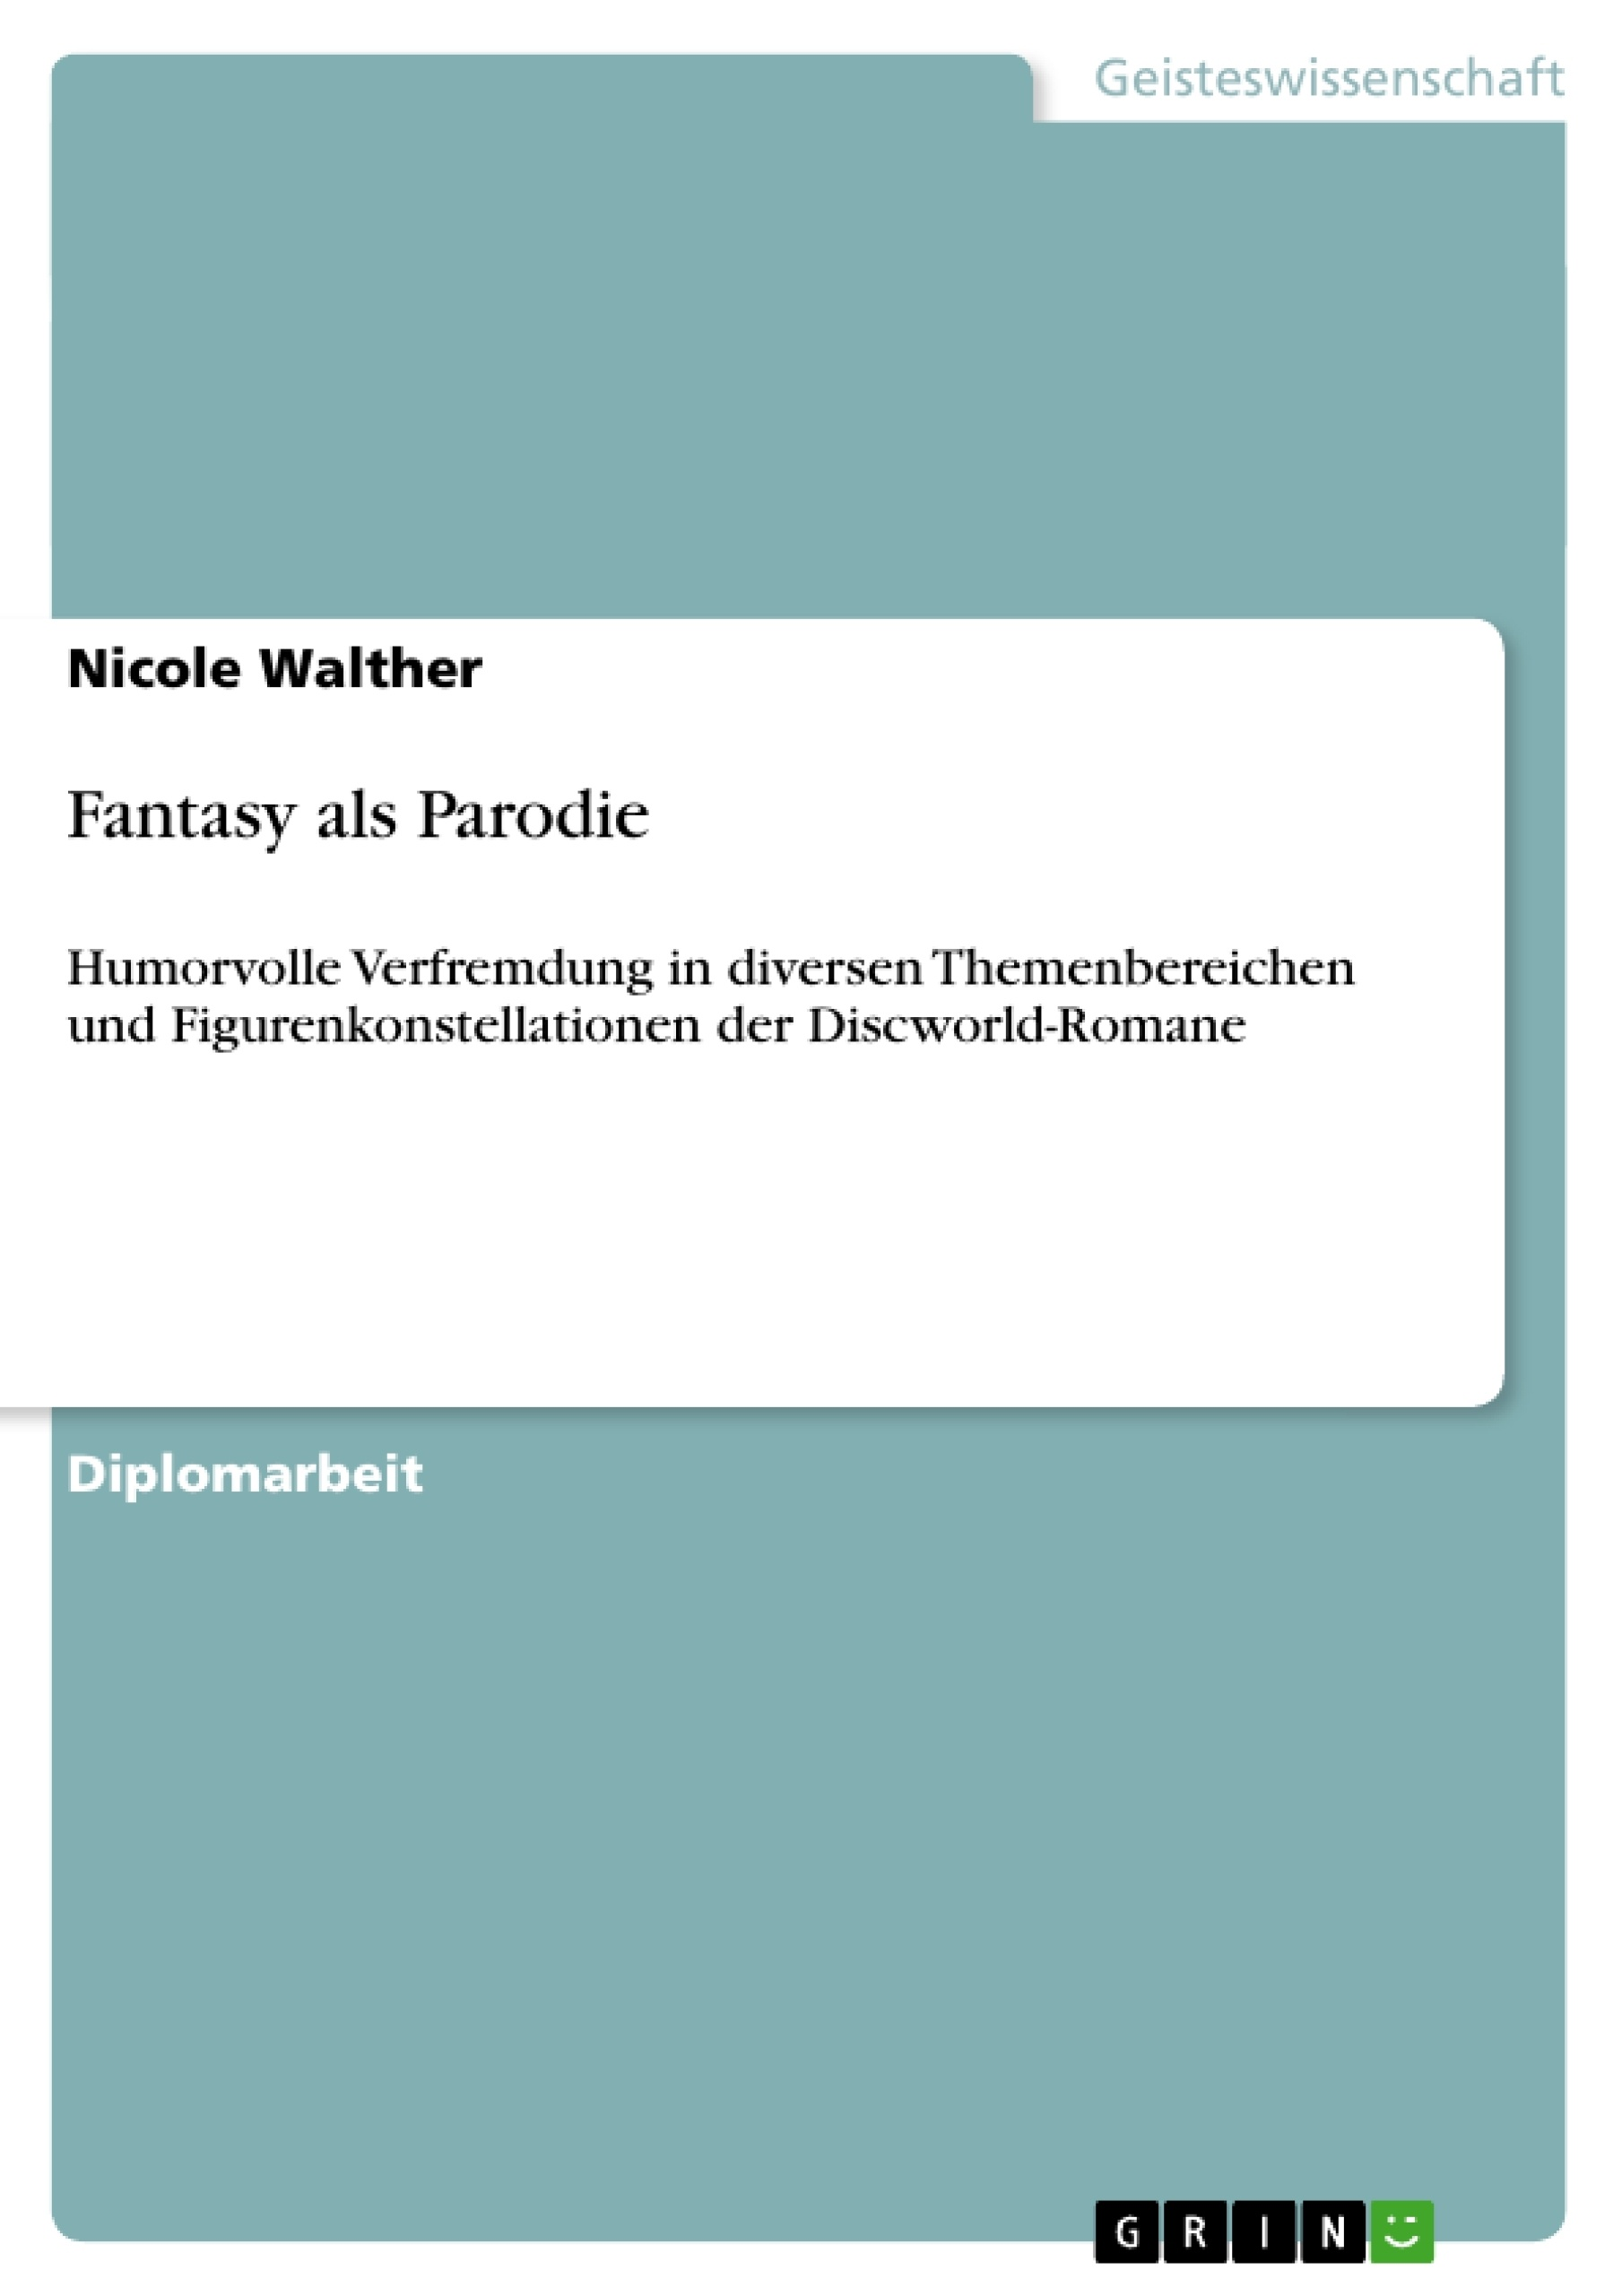 Fantasy als Parodie | Masterarbeit, Hausarbeit, Bachelorarbeit ...